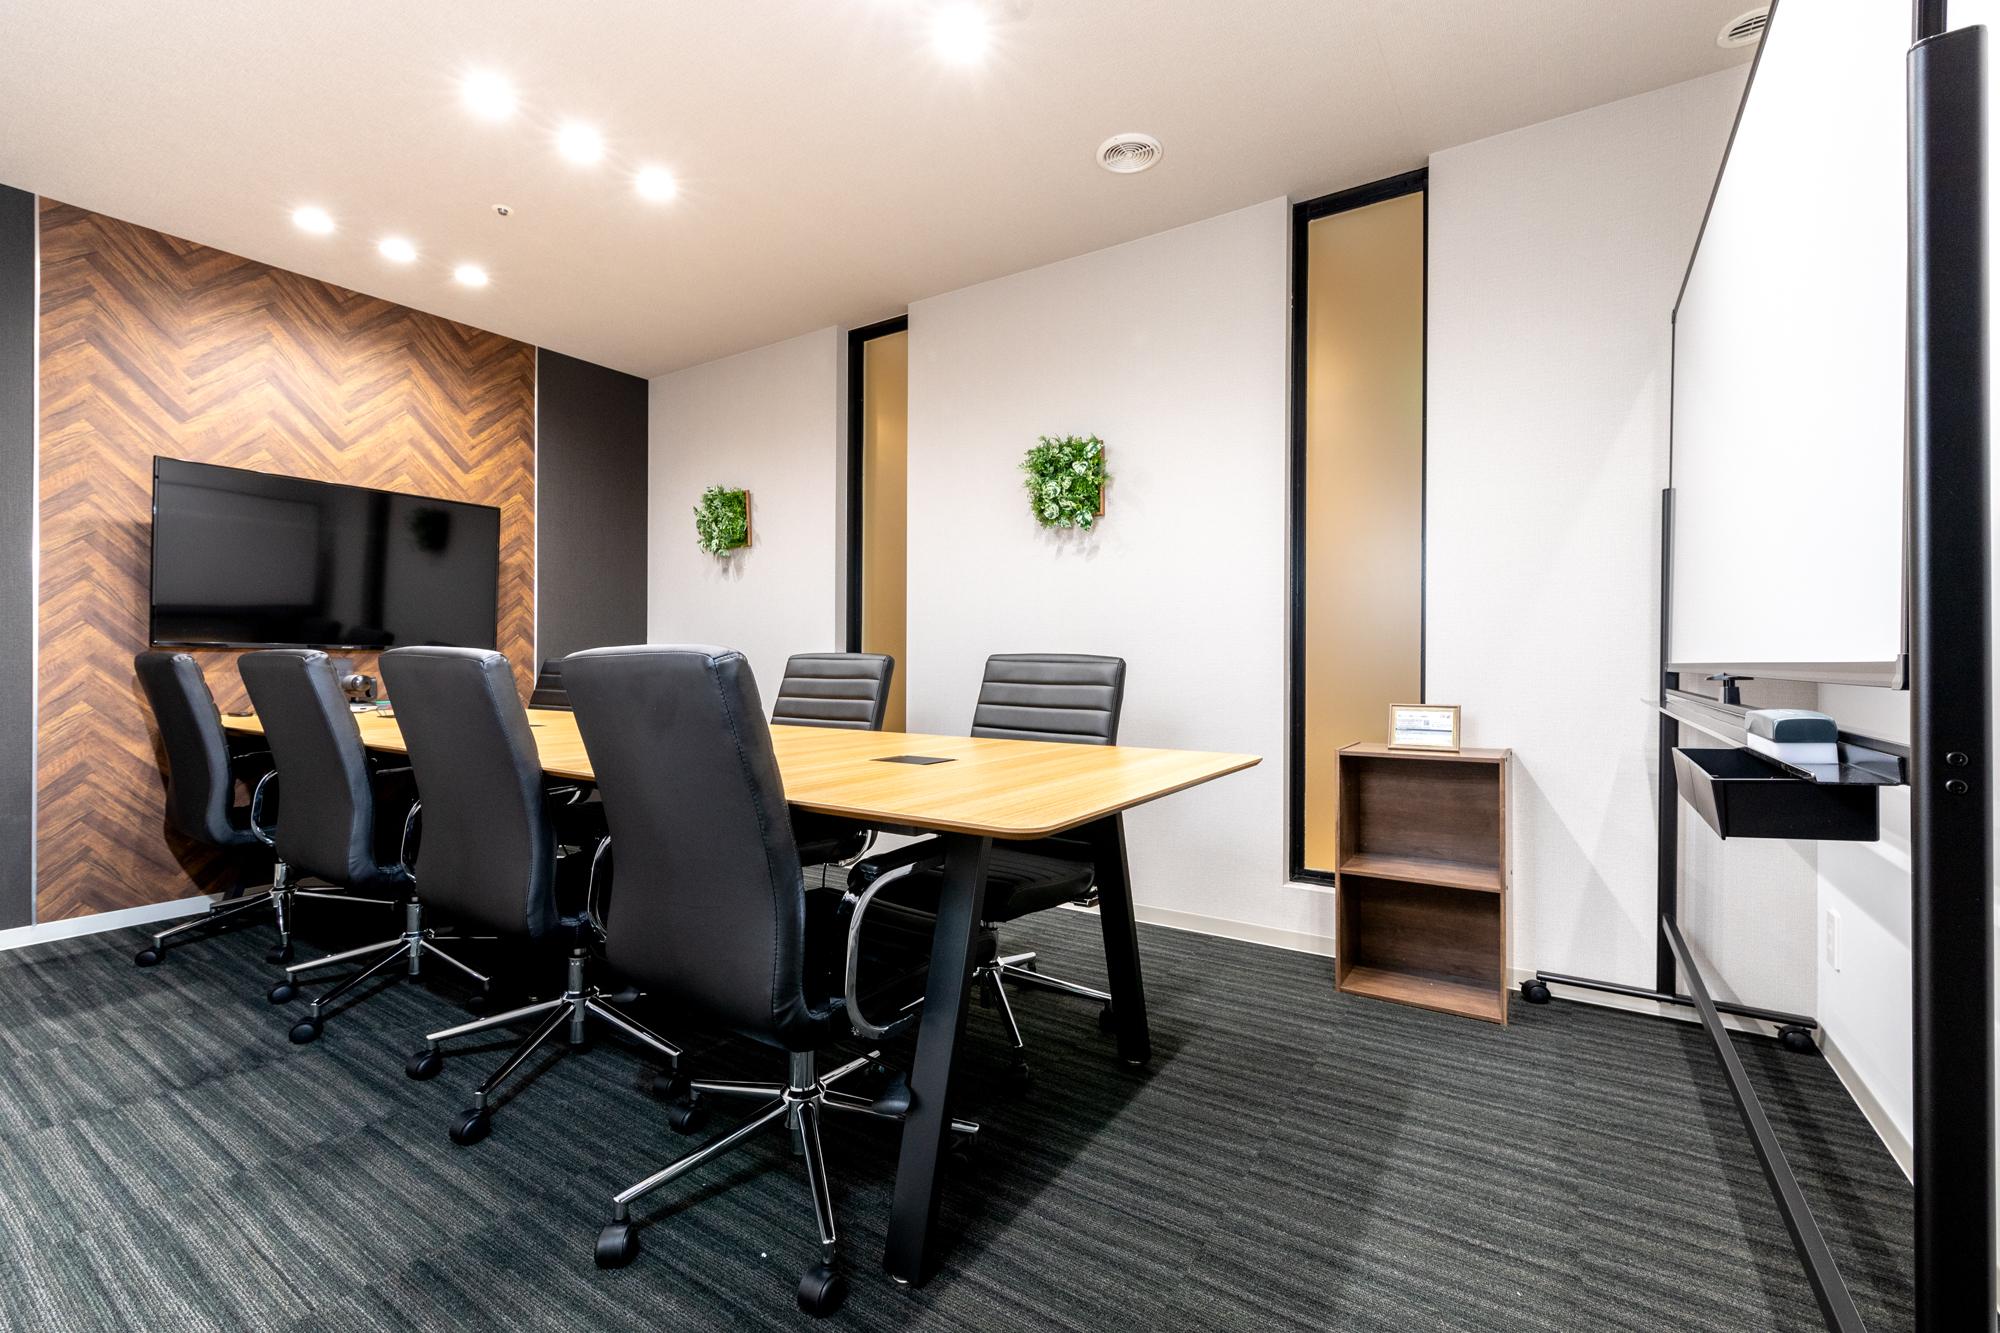 全国50ヵ所の会議室をリーズナブルな価格で利用可能